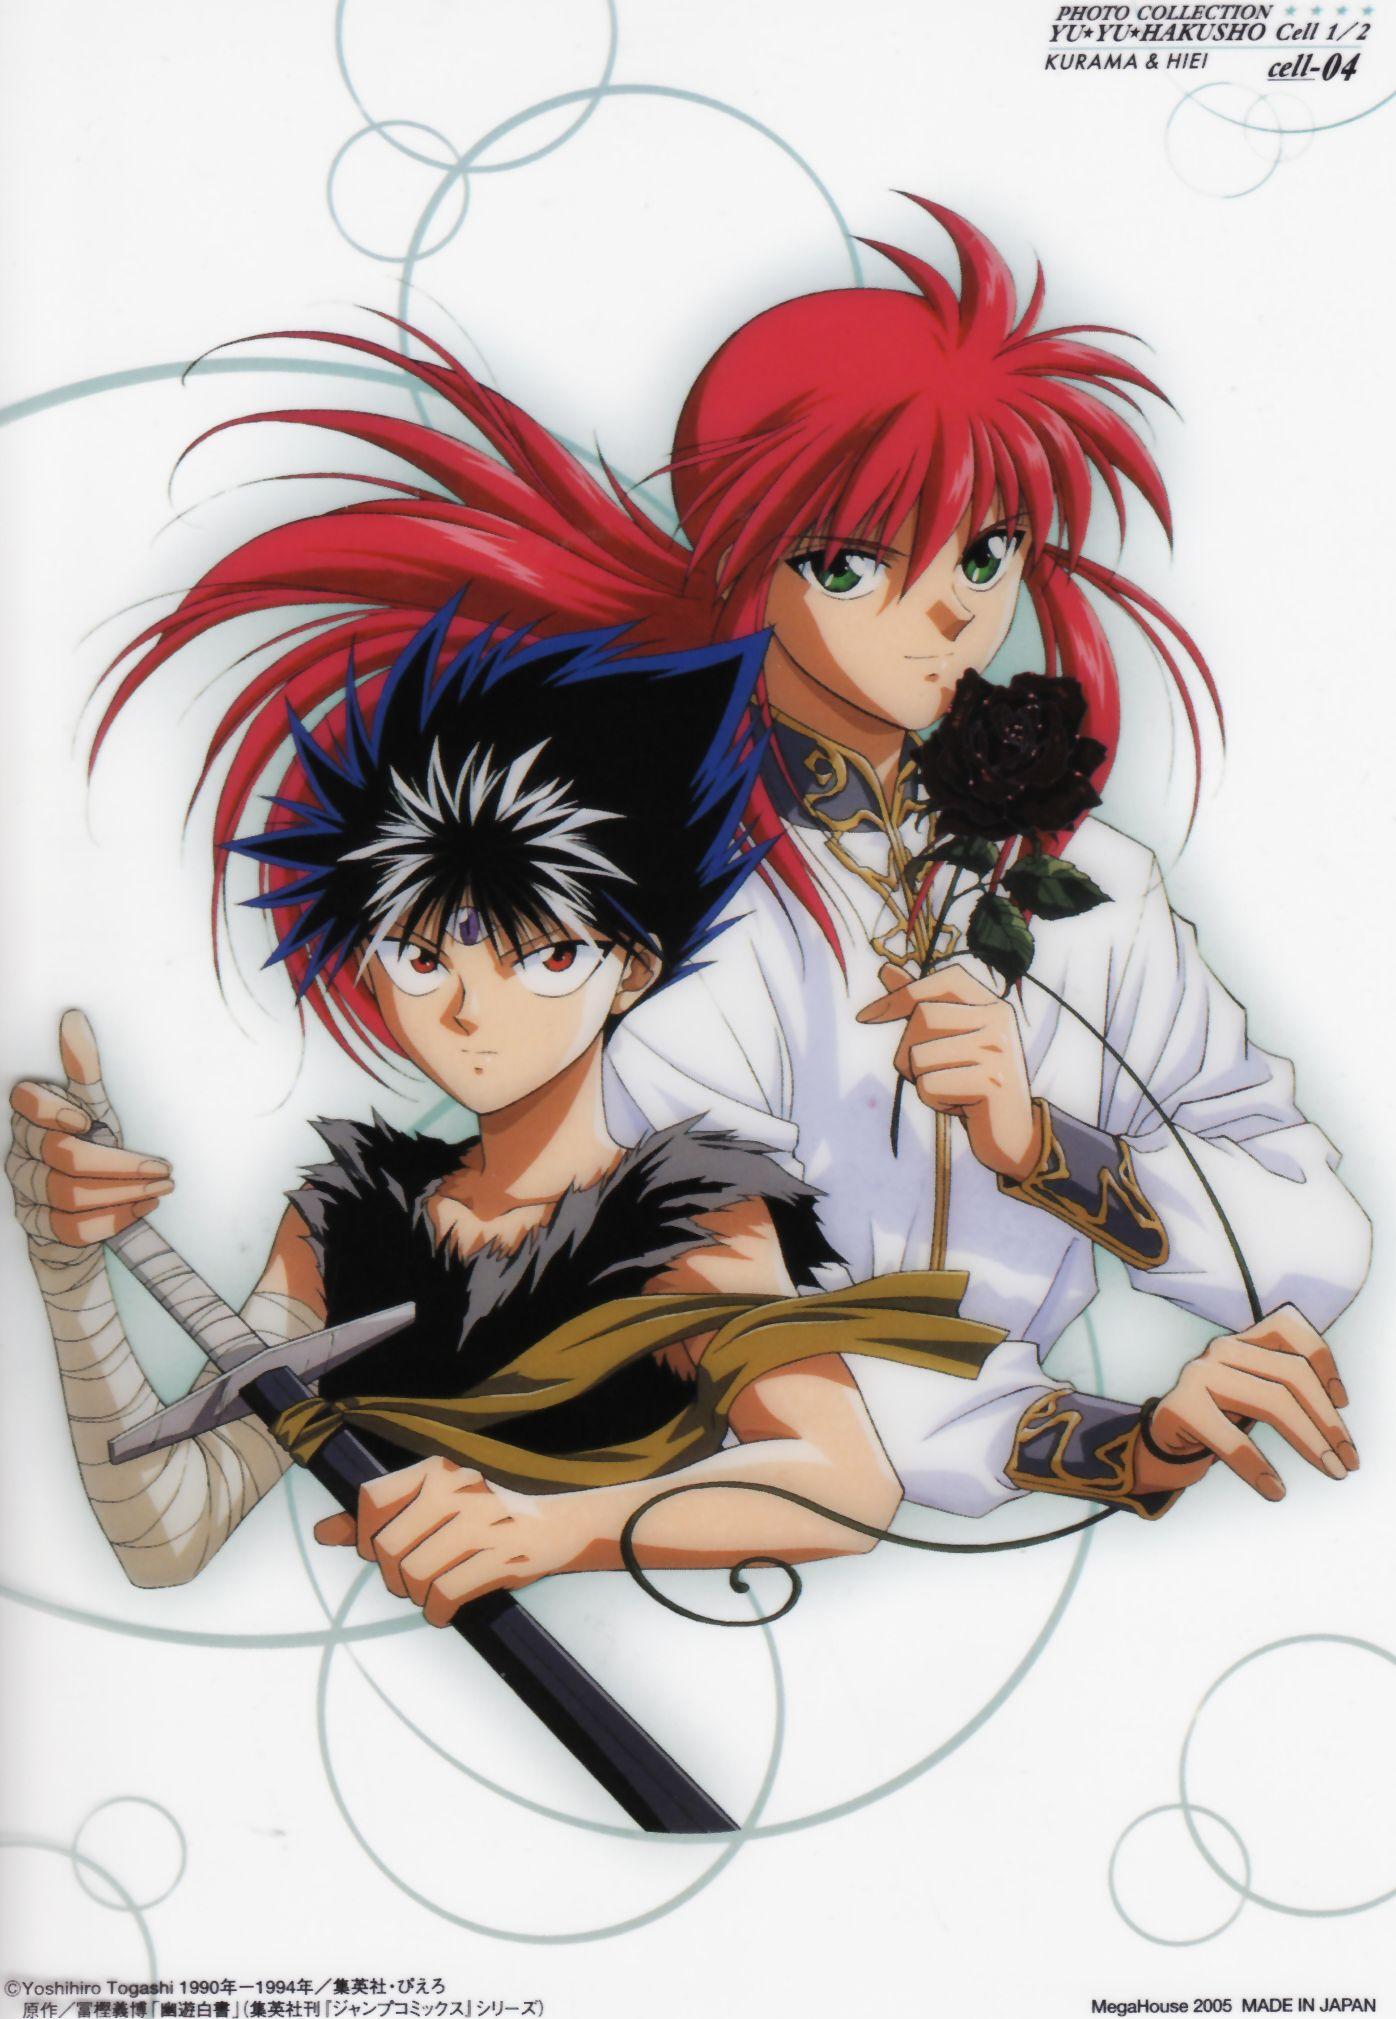 Yu Yu Hakusho Kurama and Hiei Anime, Yu yu hakusho